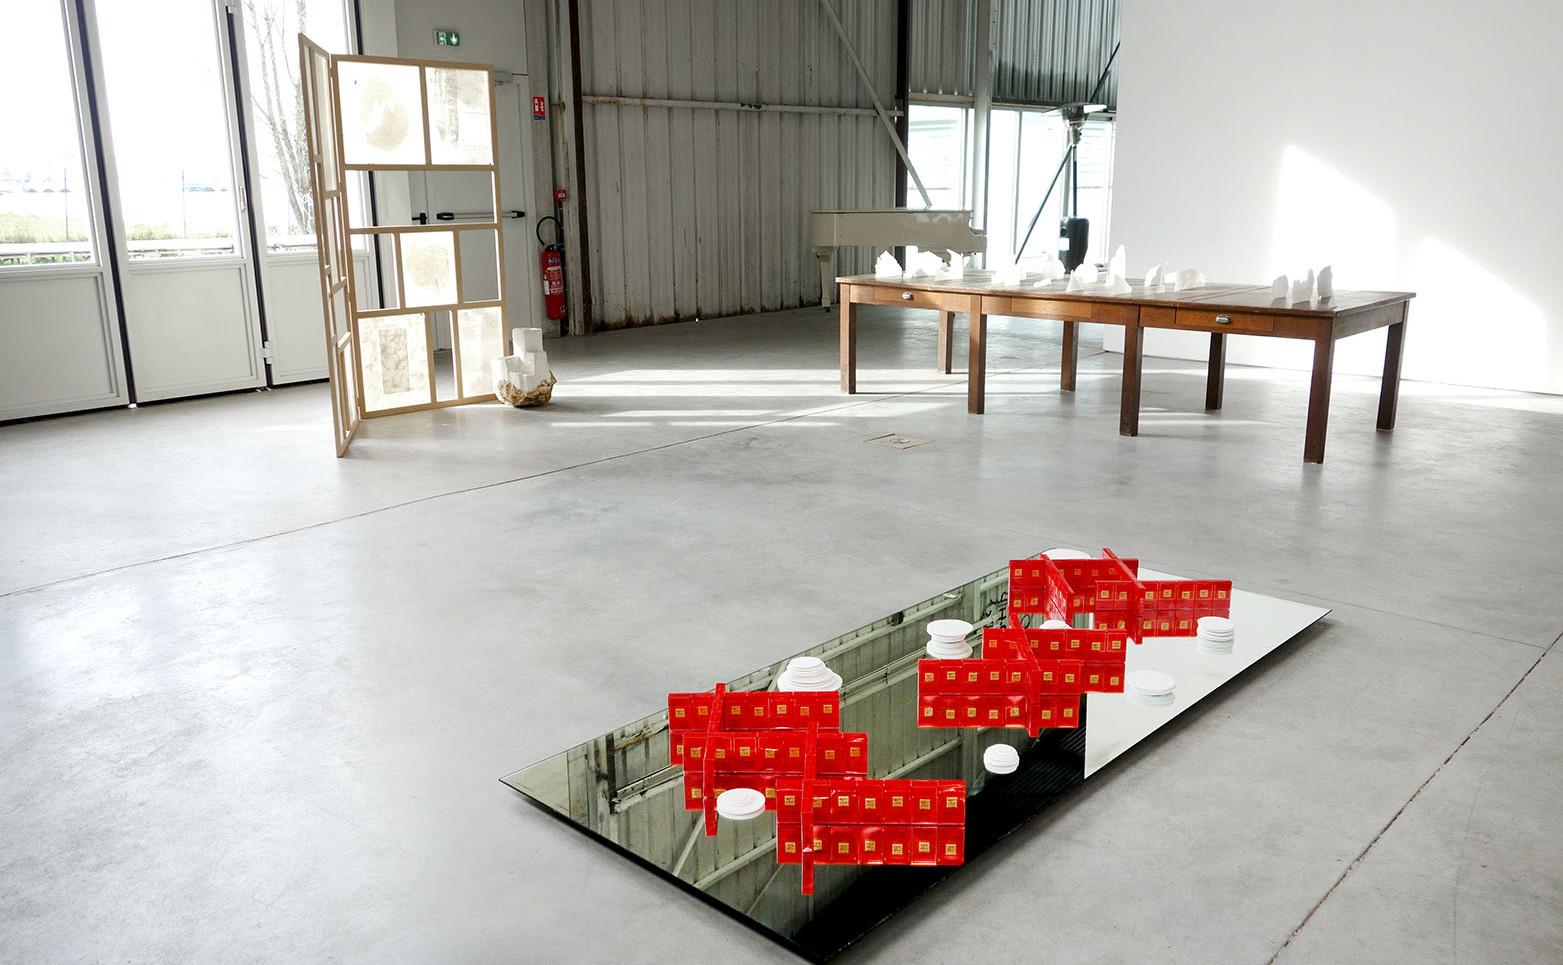 NICOLAS H. MULLER Réflexions et transitions, 2020 Temps, paquets de cigarettes chinoises, porcelaine de Jingdezhen, porcelaine de Limoges, miroir 230 x 20 x 100 cm.